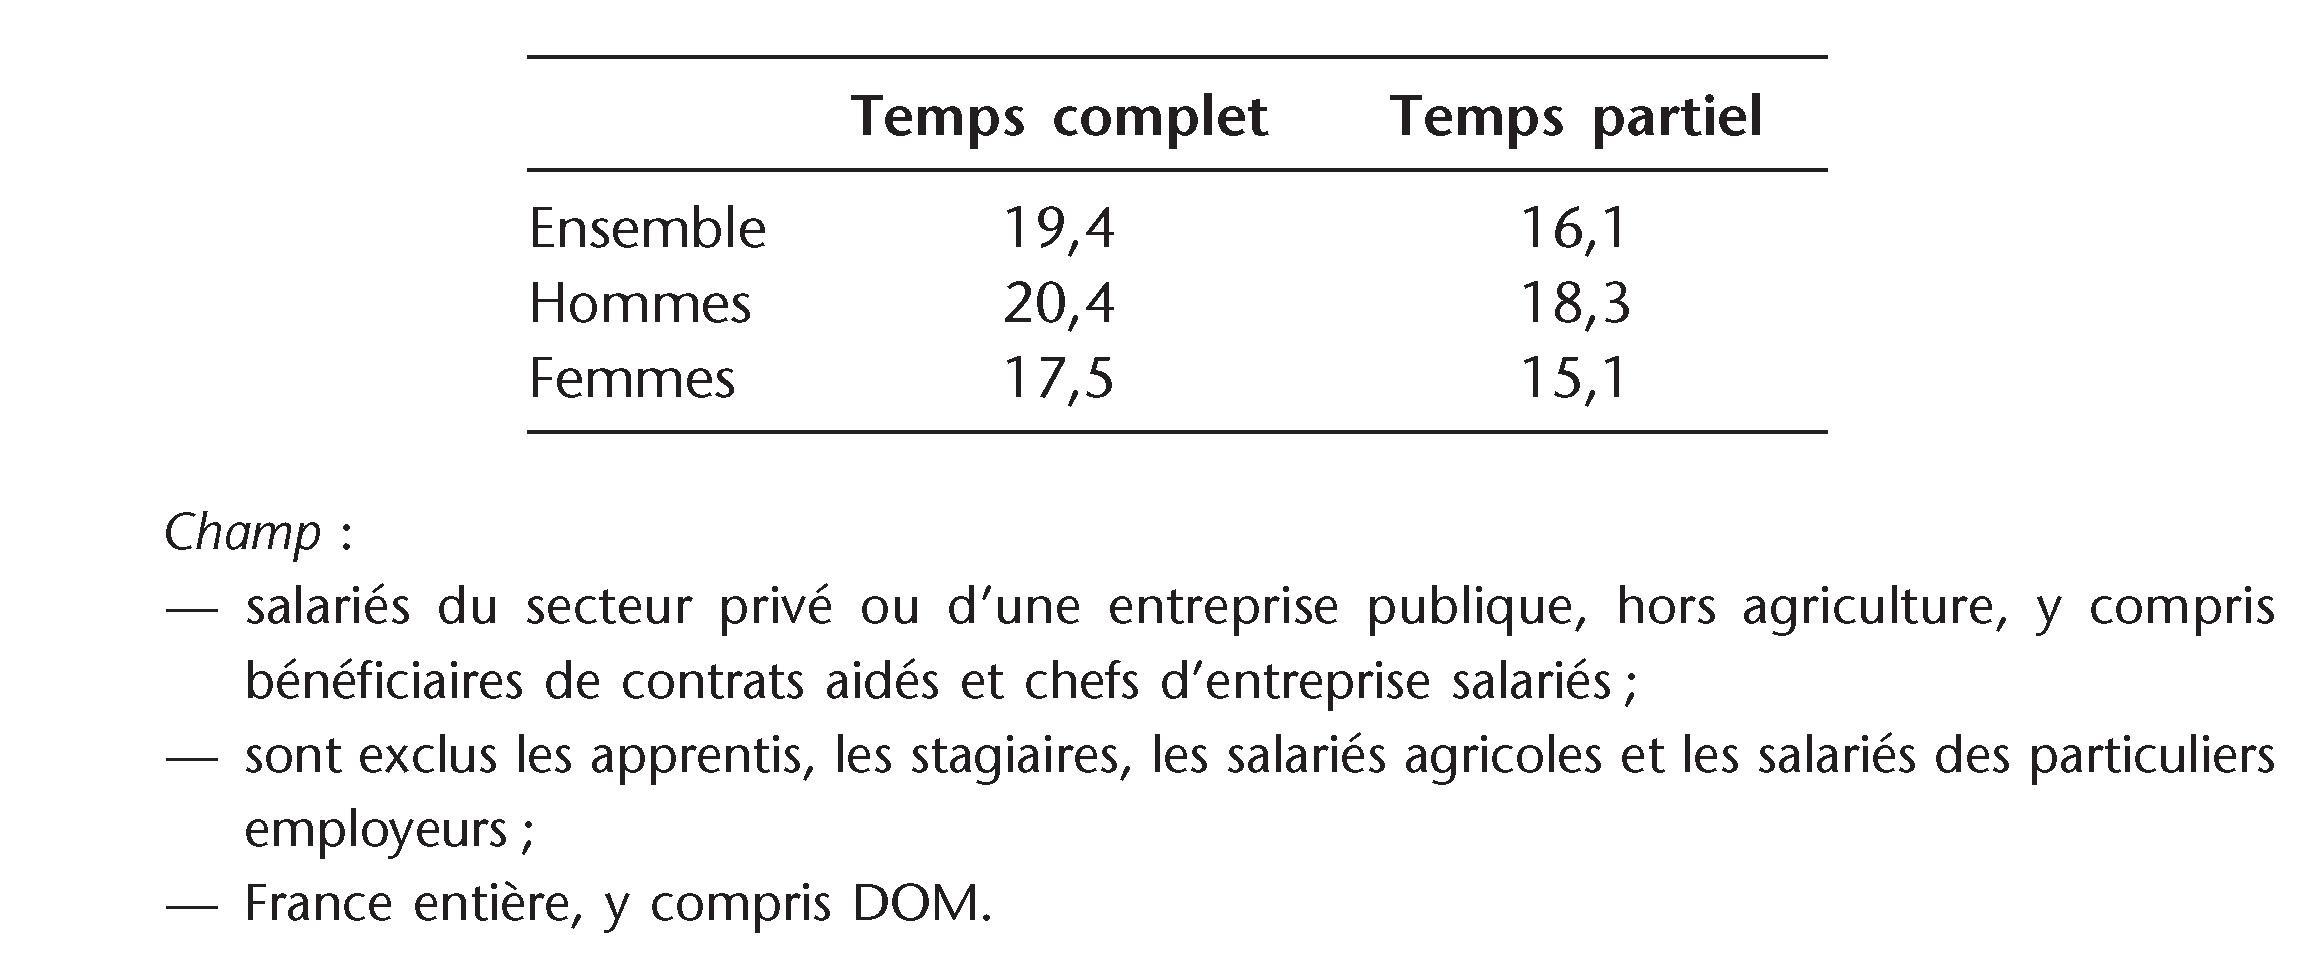 1cb594fd900 Salaire brut horaire à temps plein et temps partiel (2013) (en euros)